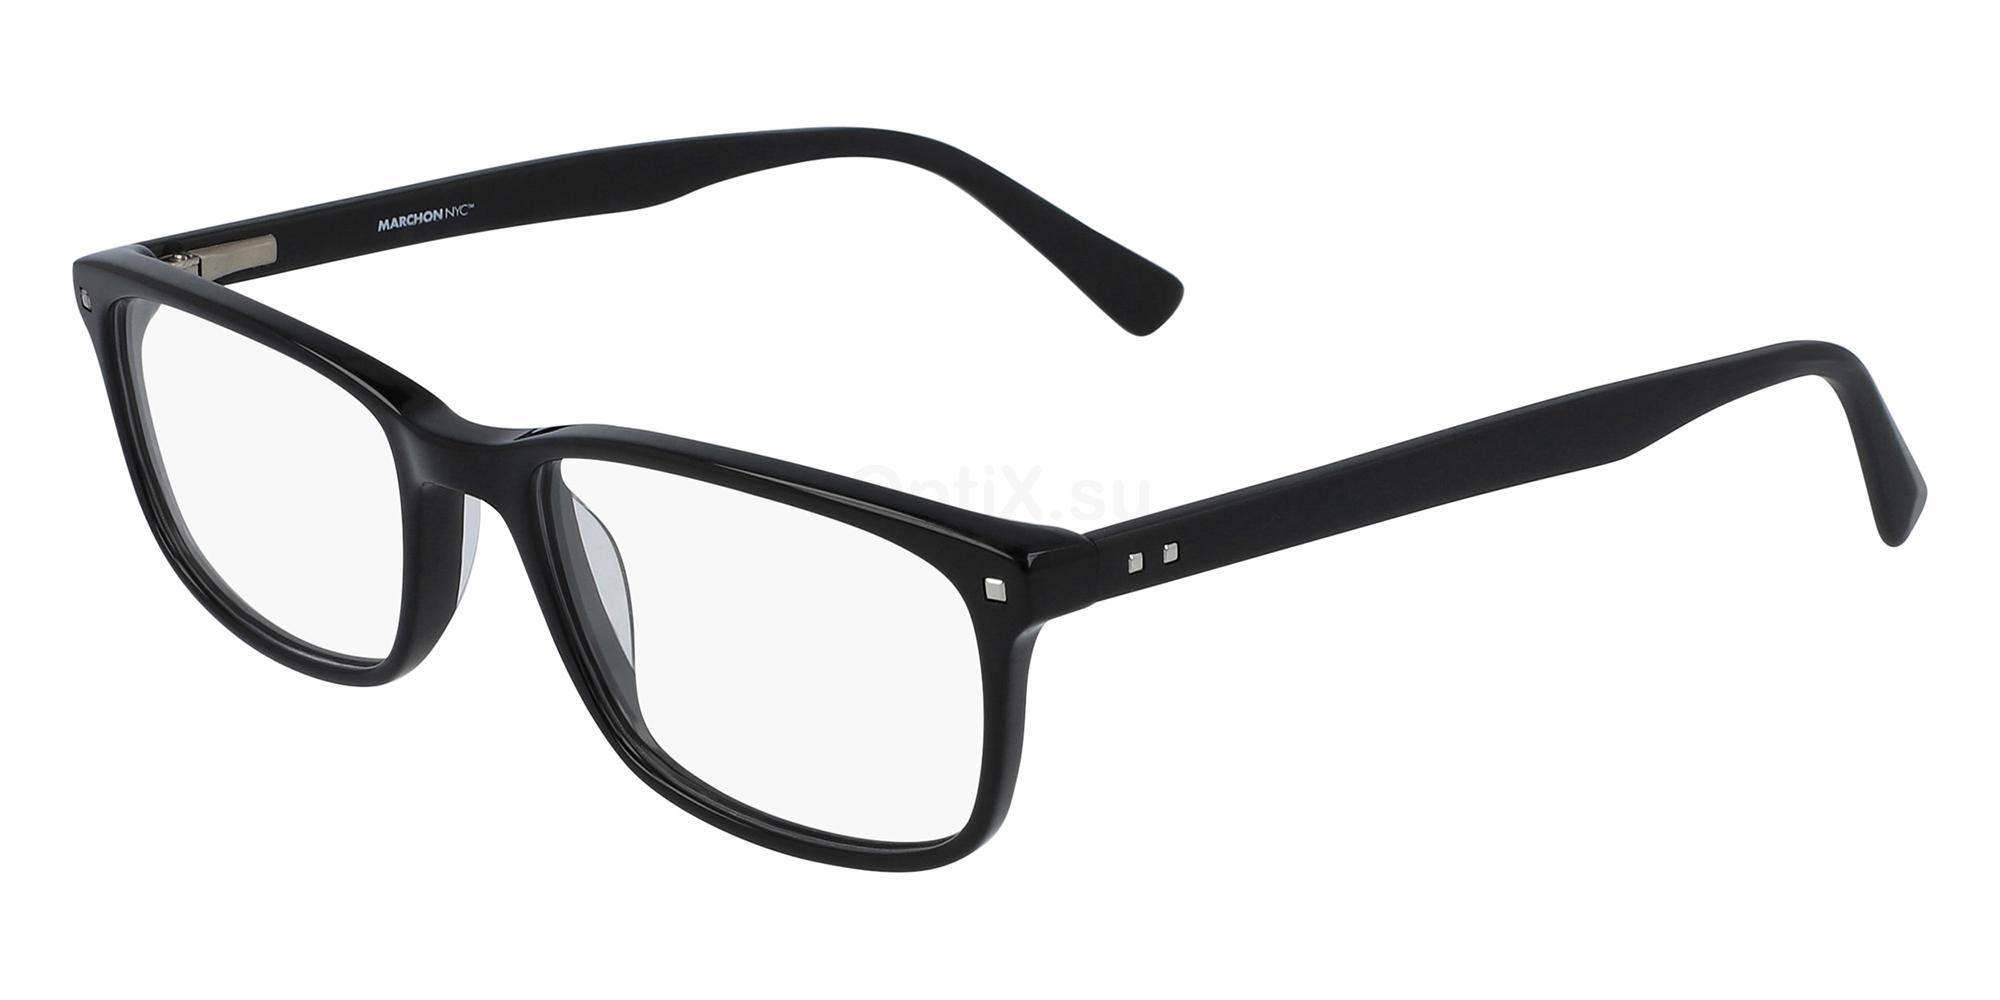 001 M-3504 Glasses, Marchon